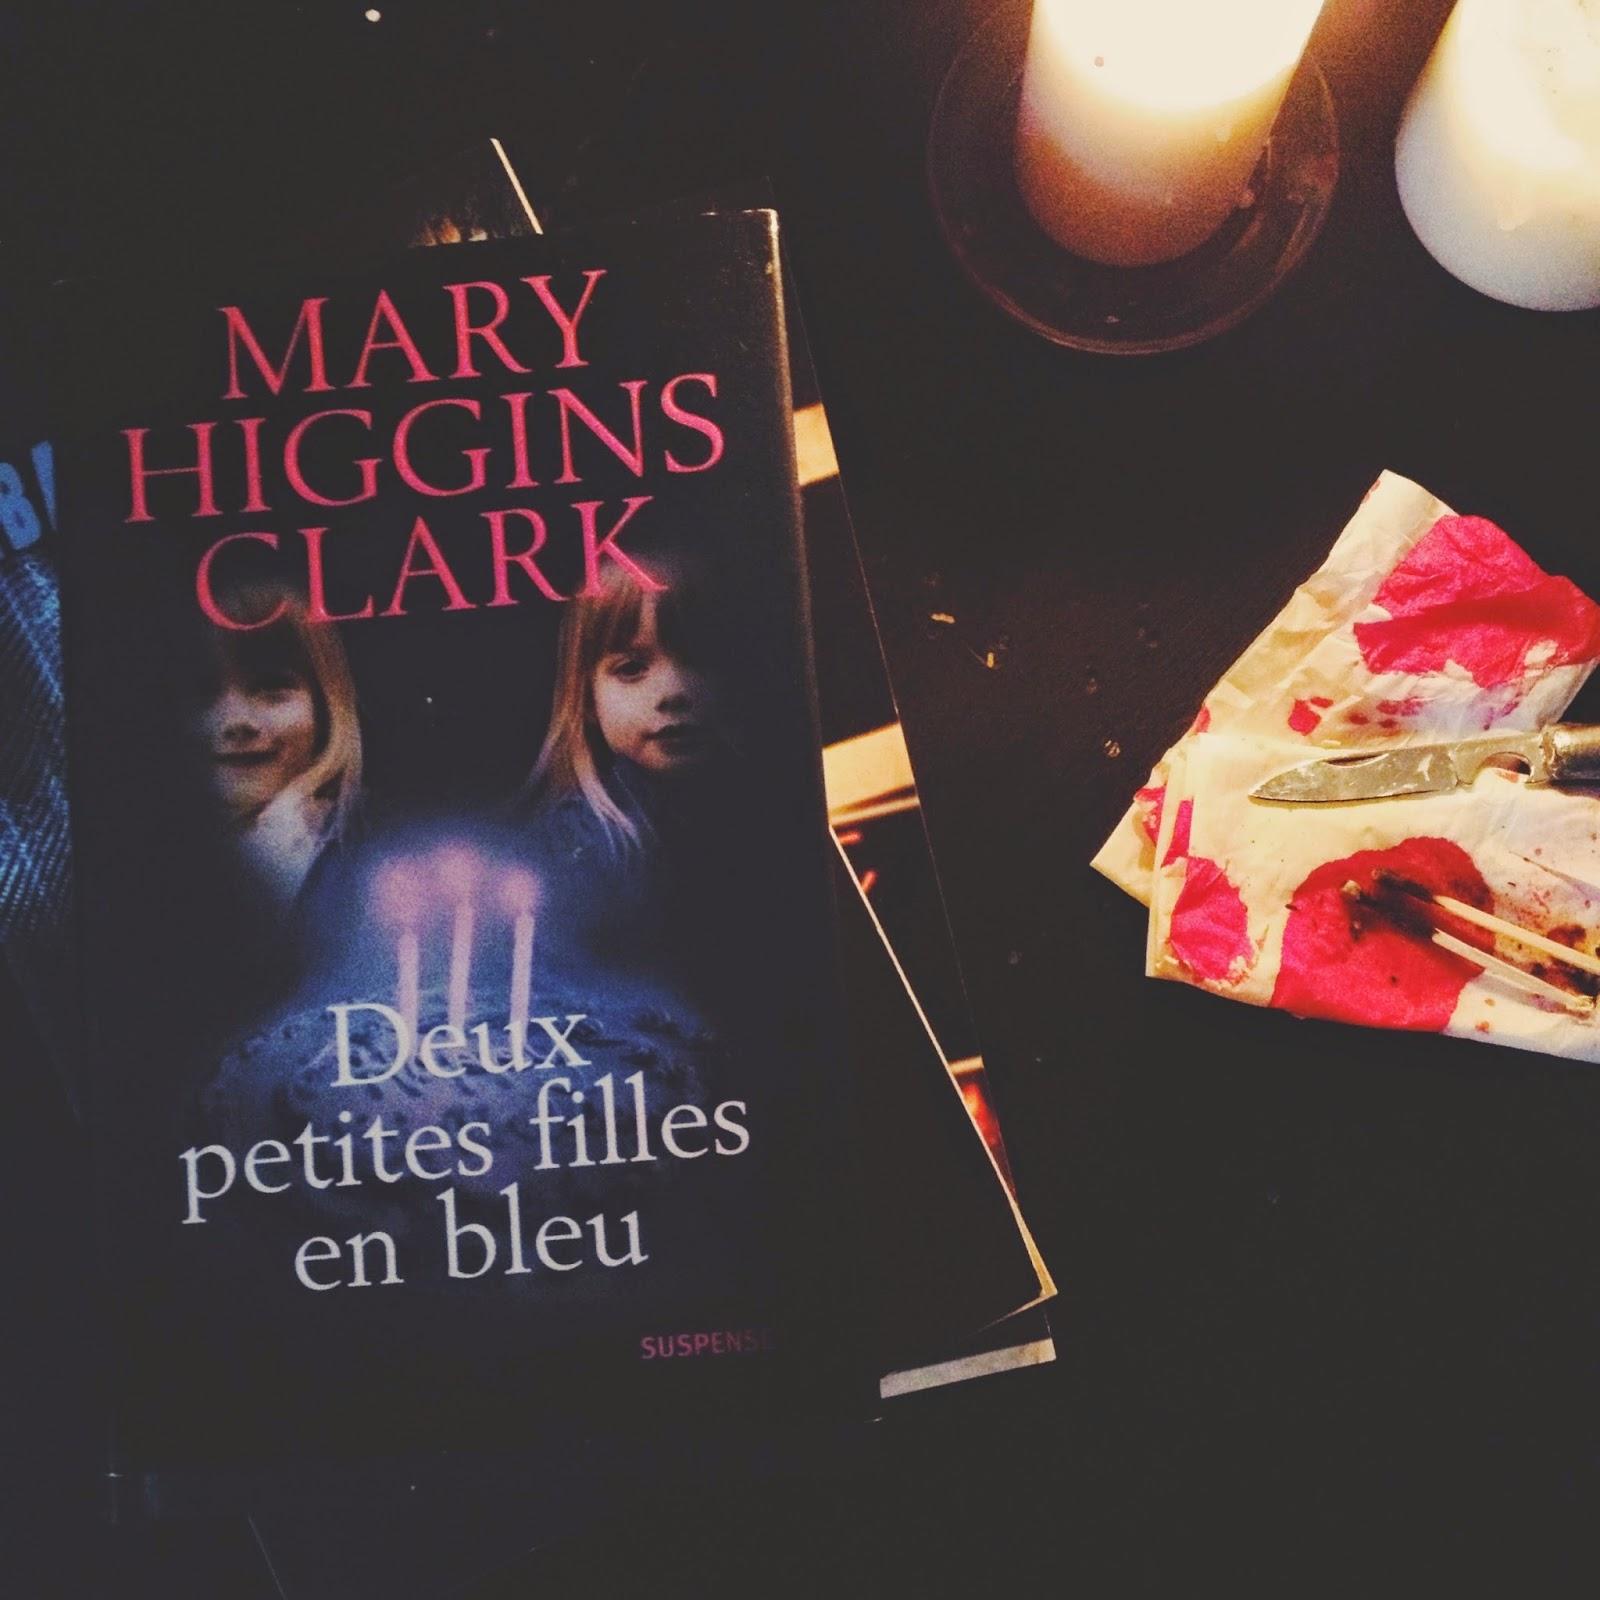 Deux petites filles en bleu Mary Higgins Clark